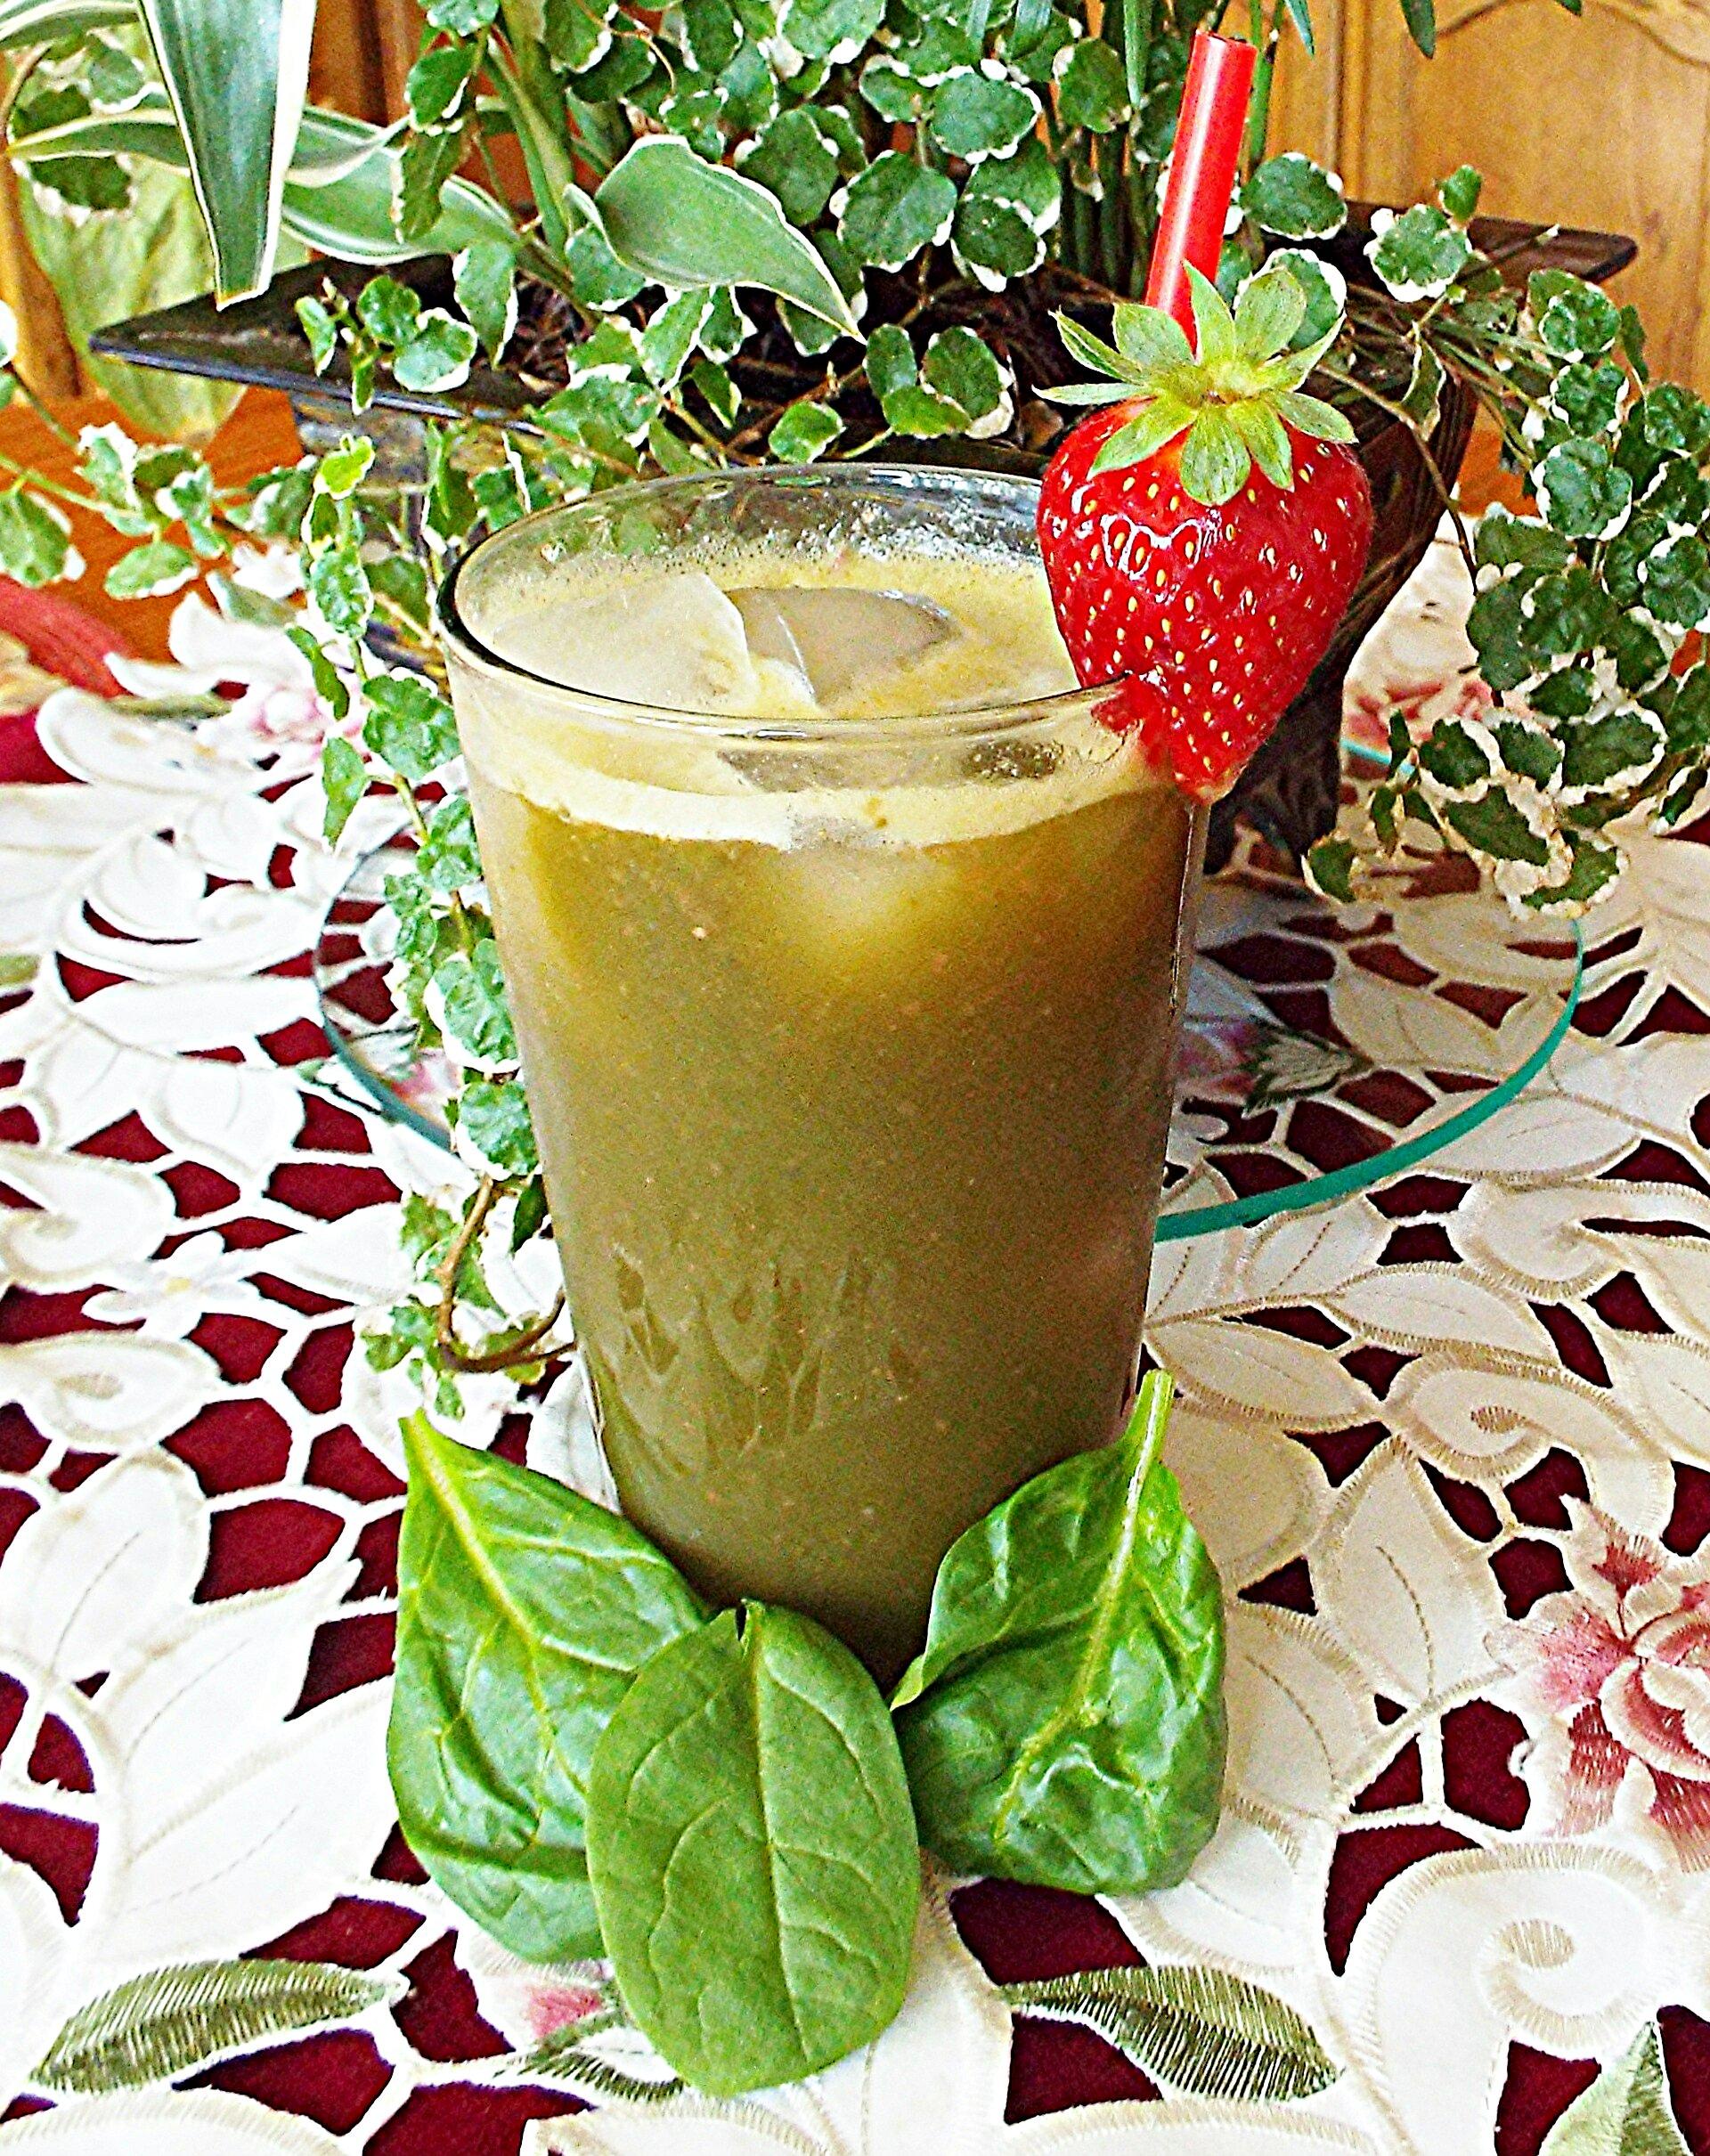 Spinach Strawberry Agua Fresca Yoly